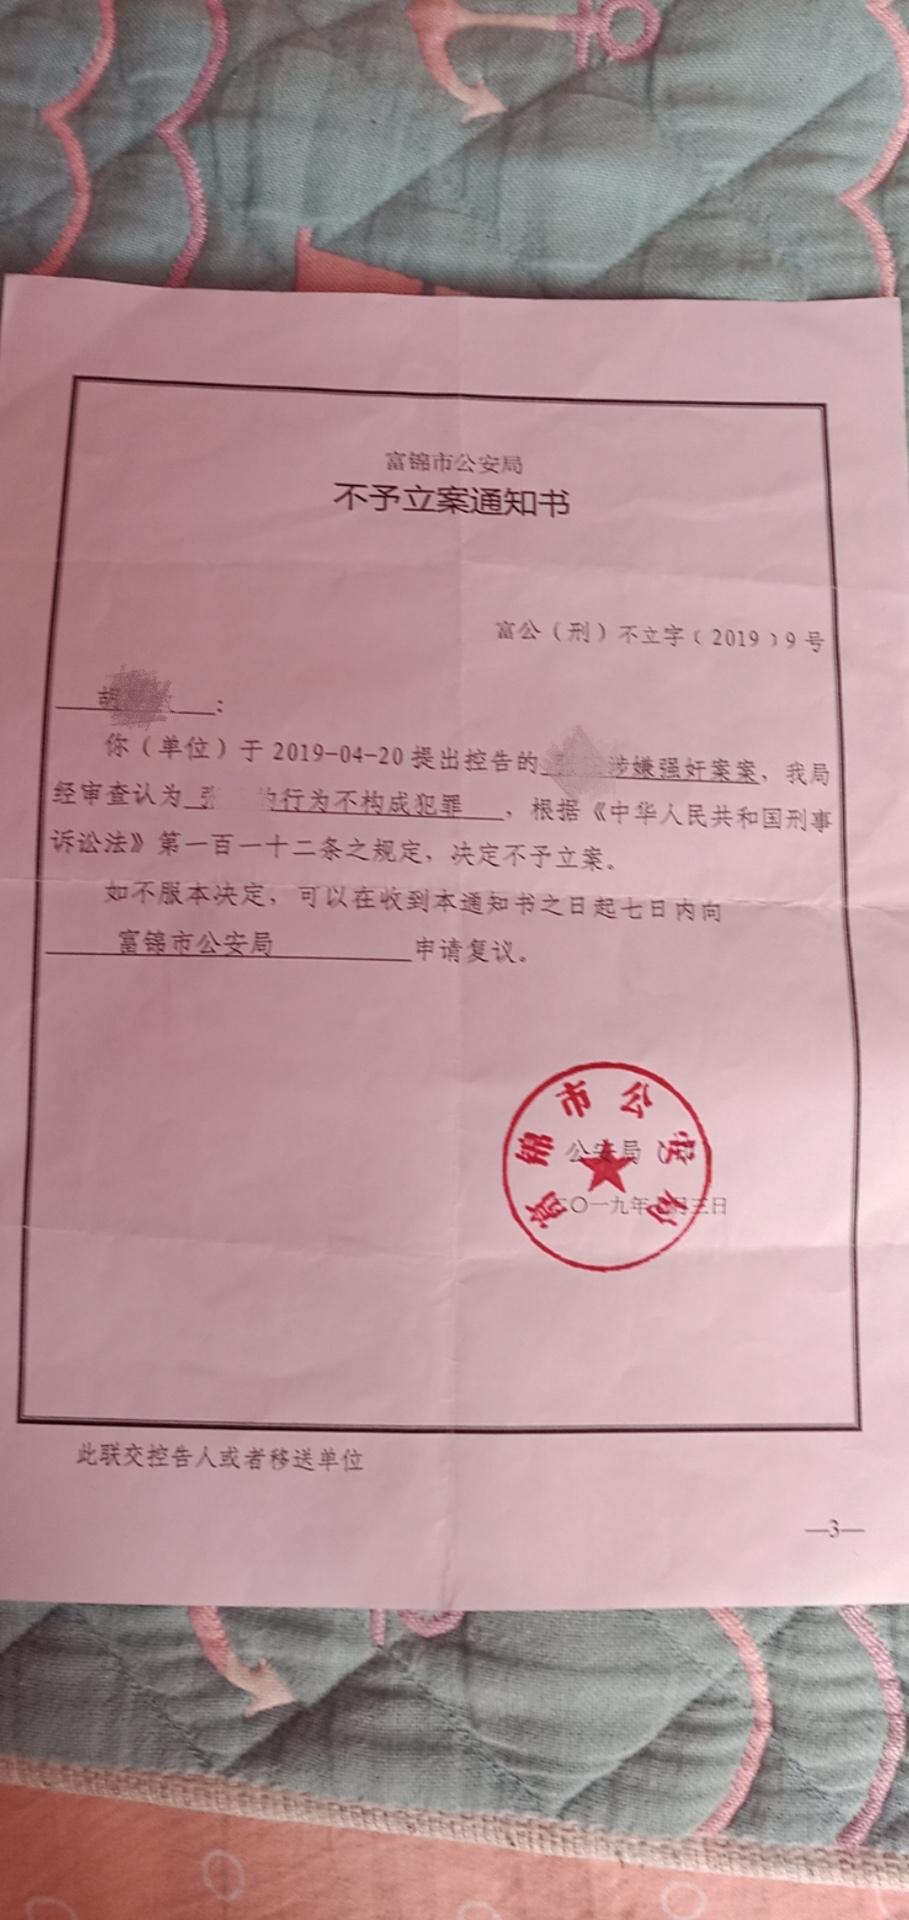 http://www.qezov.club/shehuiwanxiang/148731.html